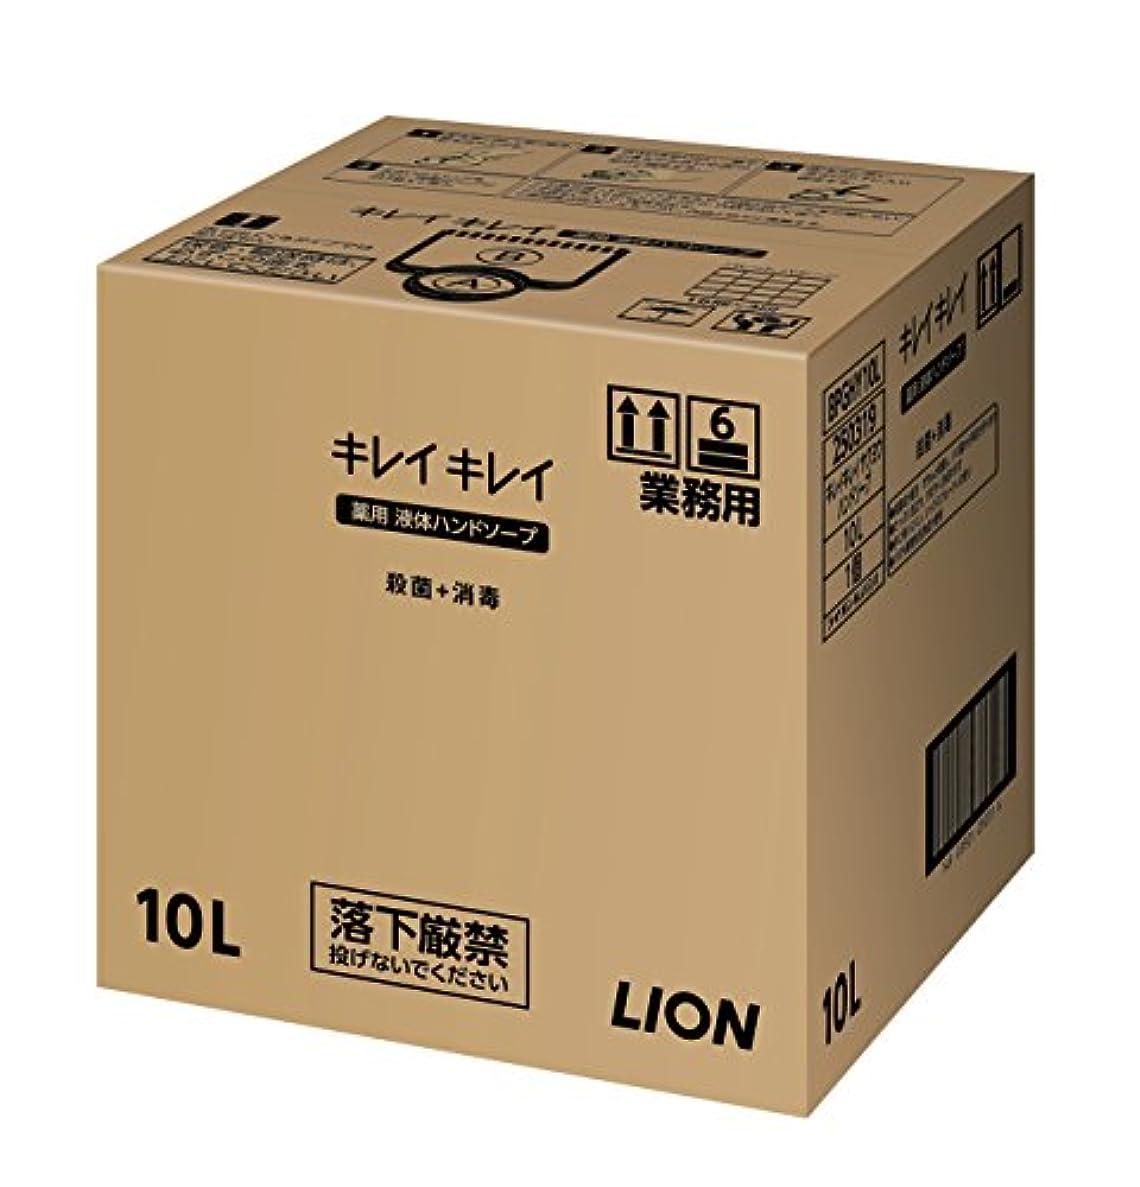 接辞ショップ散文【大容量】キレイキレイ薬用ハンドソープ10L